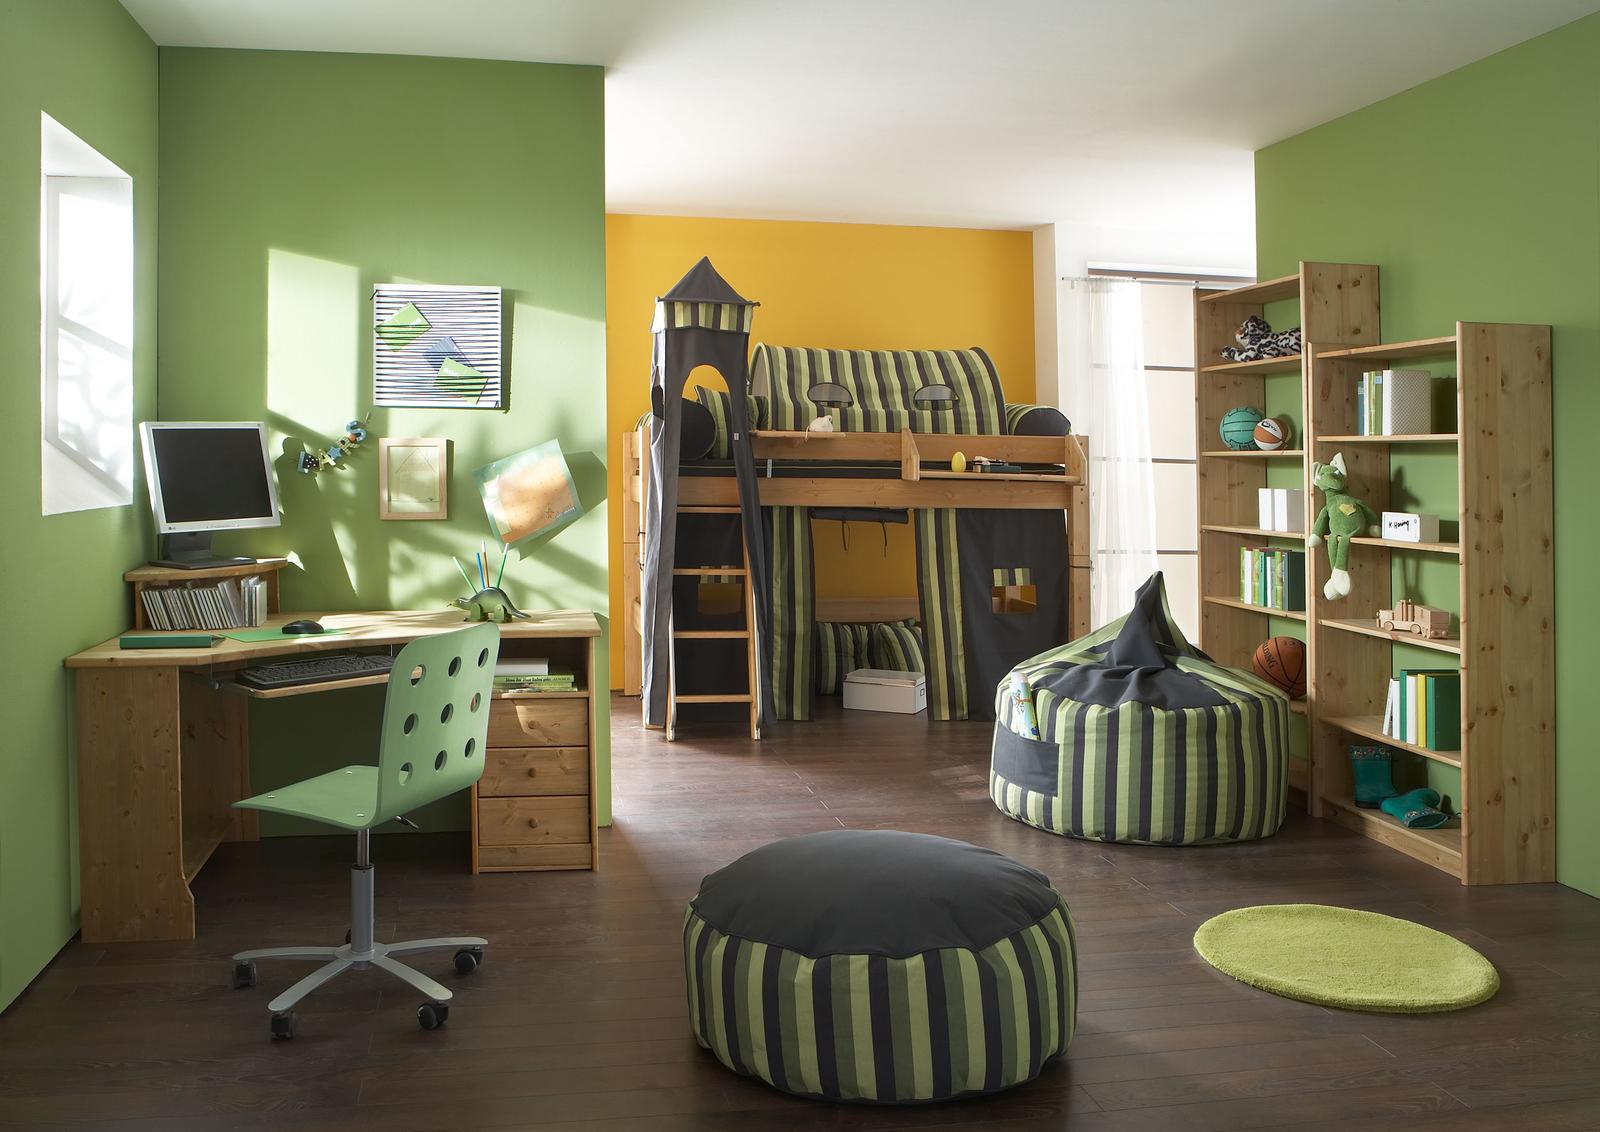 Kinderzimmer Hochbett In Dorsten Kinderzimmer Mit Hochbetten ...